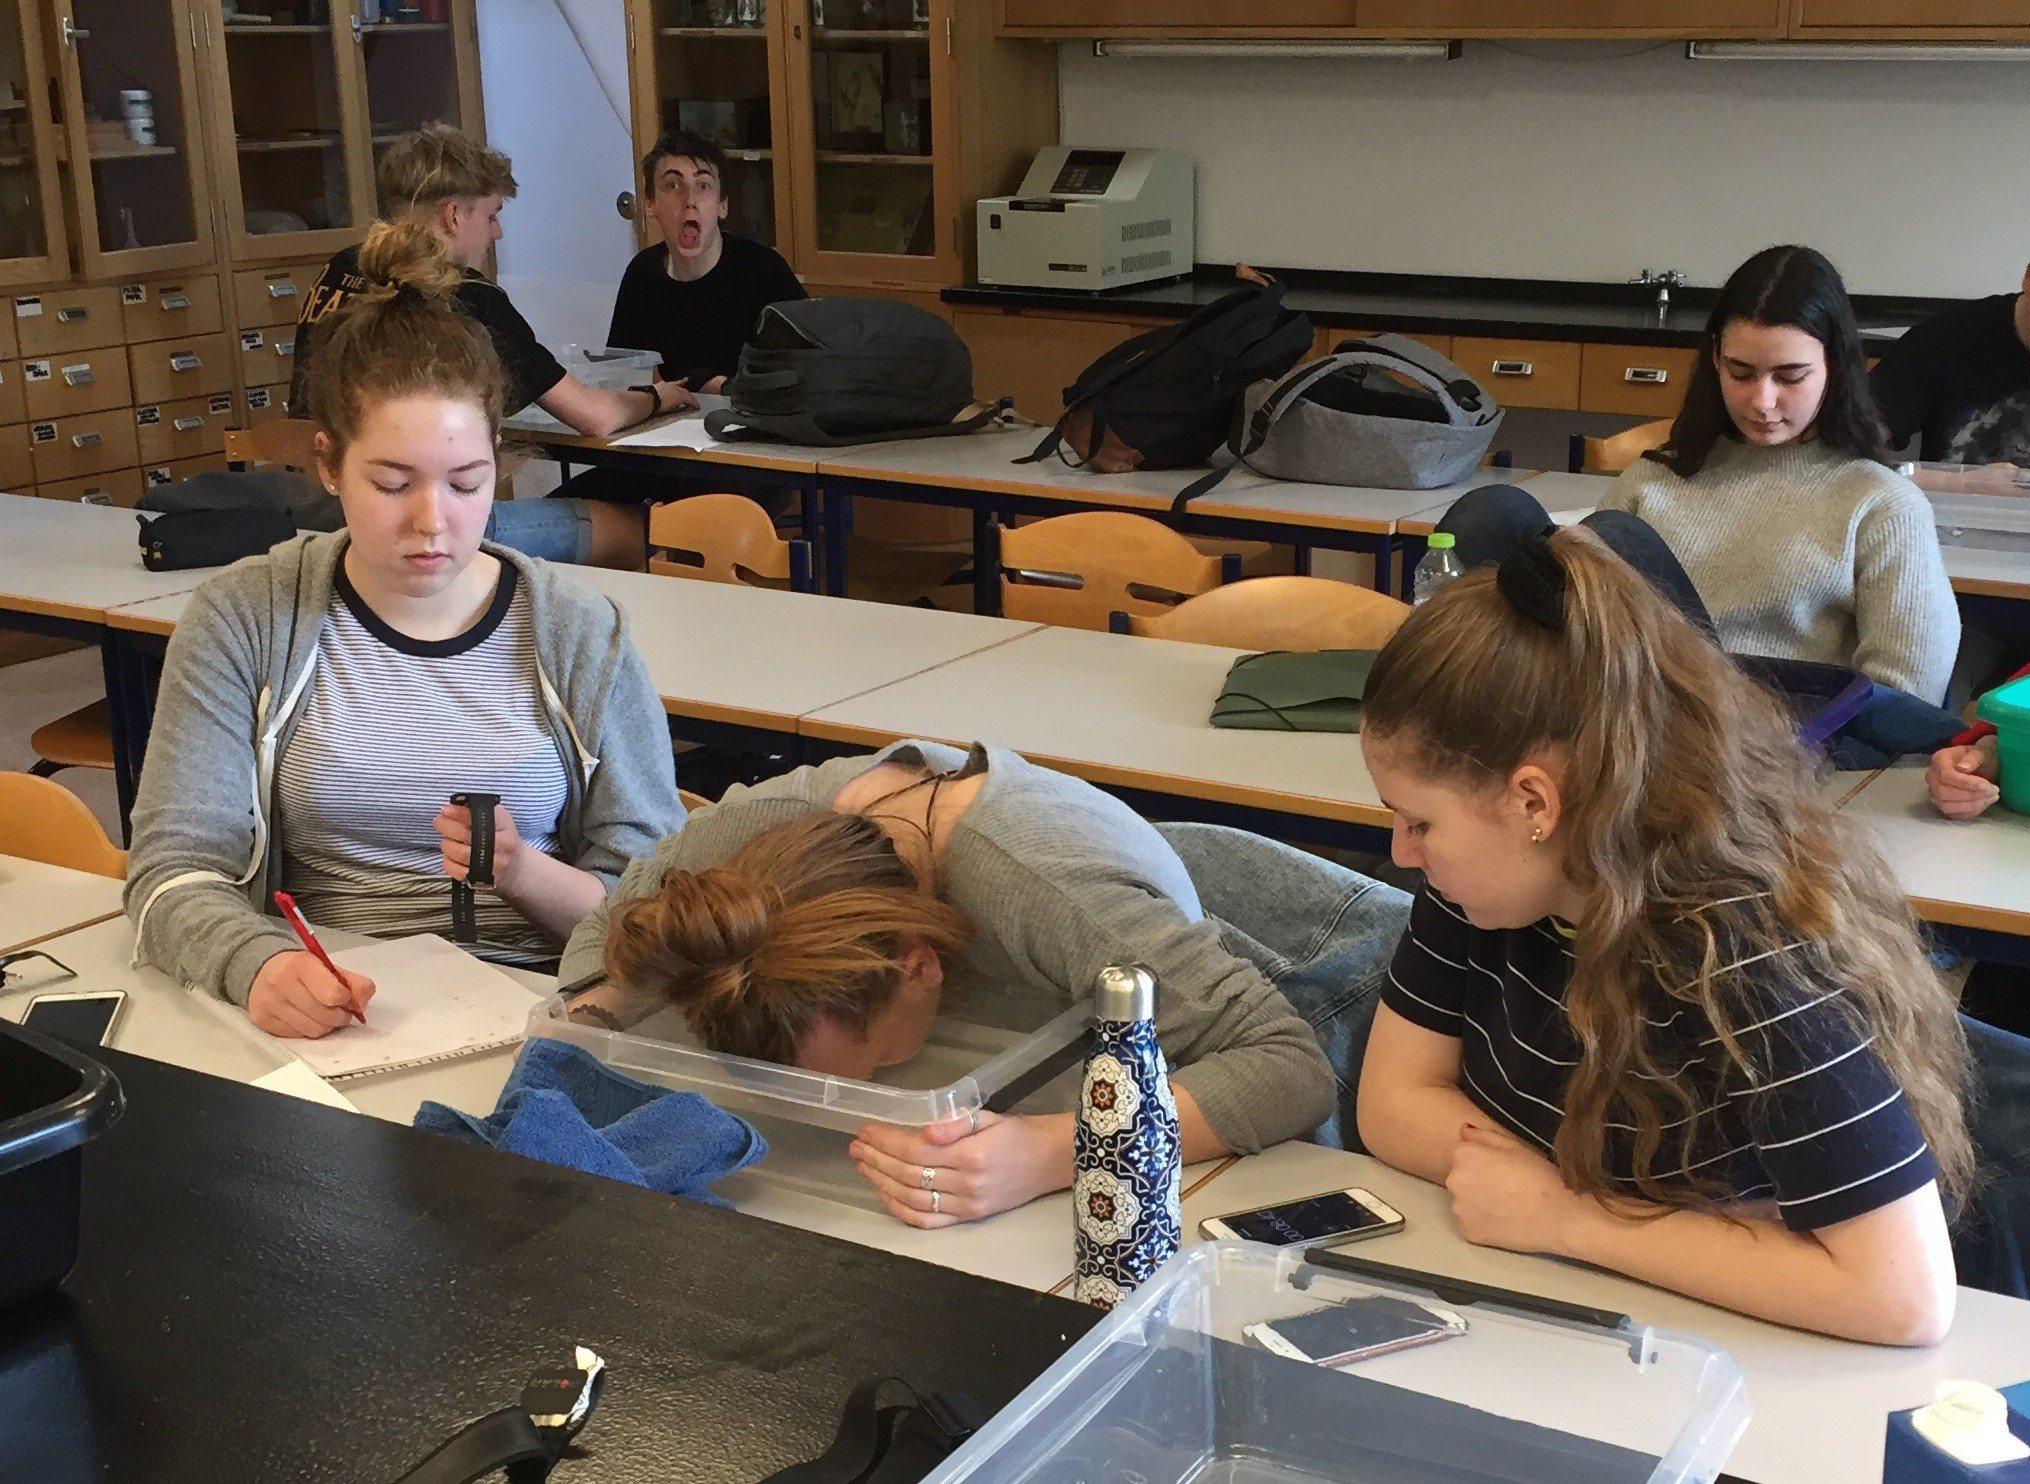 Science Club er en frivillig aktivtet om naturvidenskab